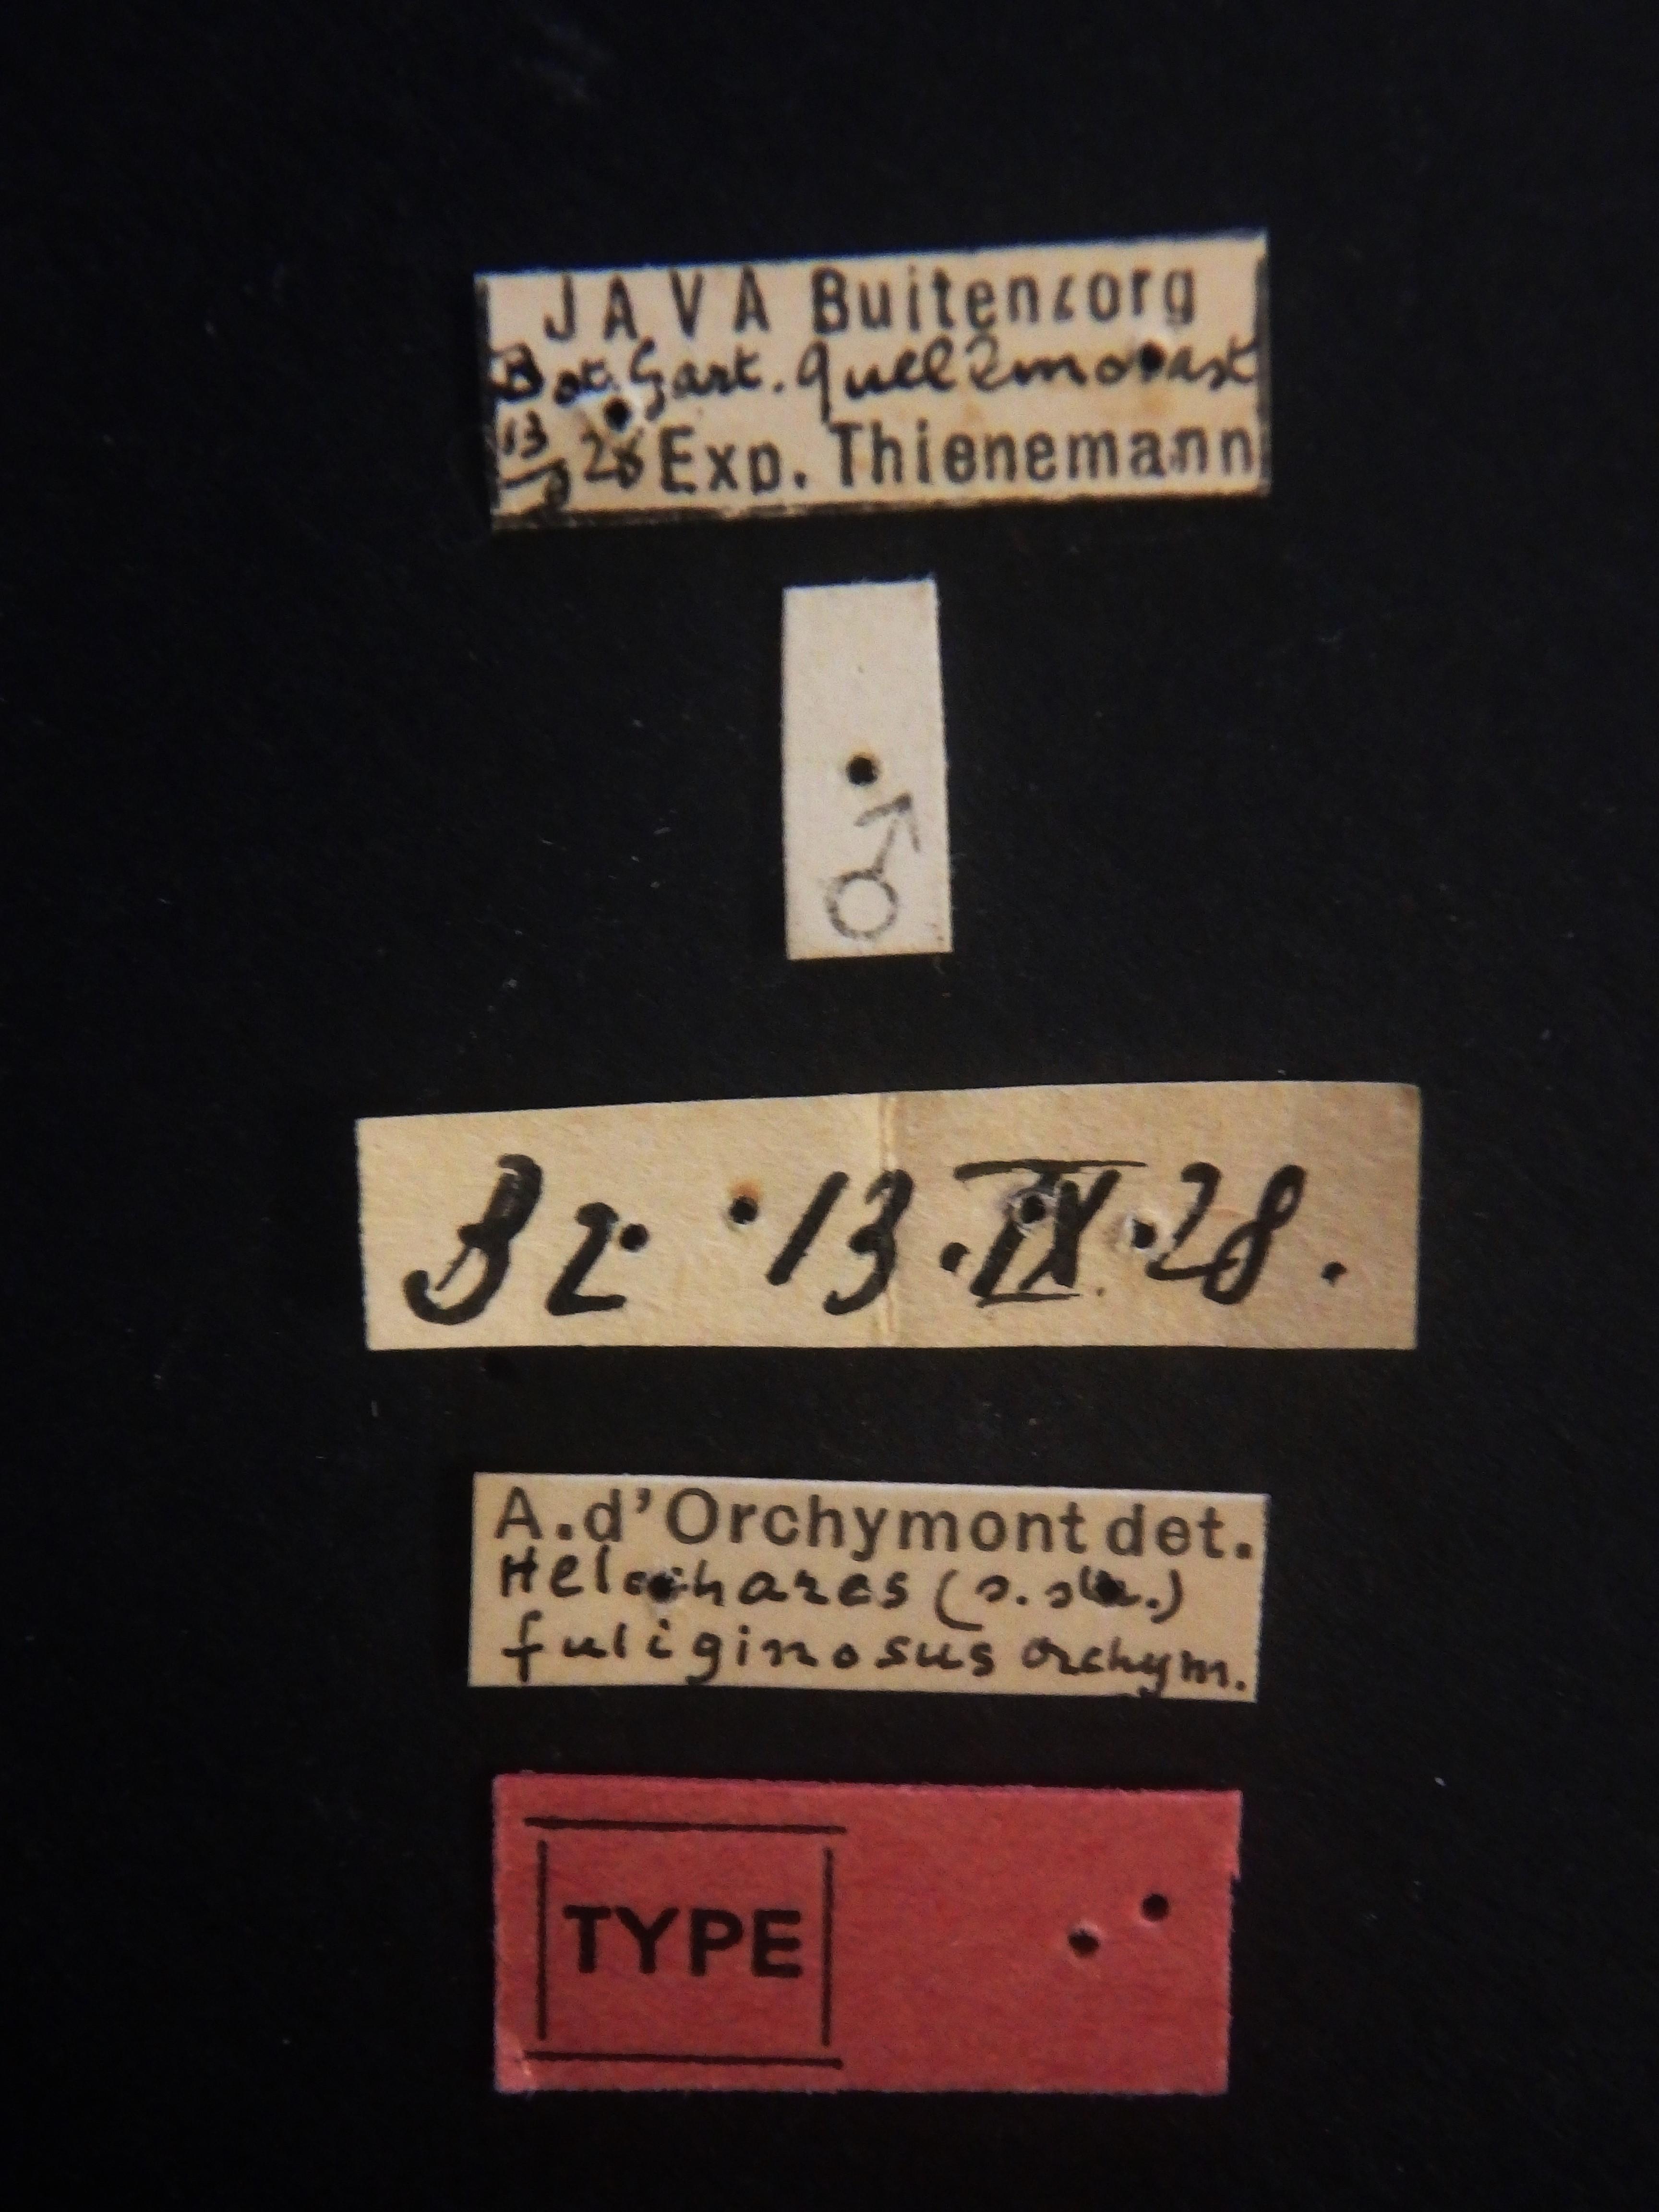 Helochares (Helochares) fuliginosus M t Labels.JPG